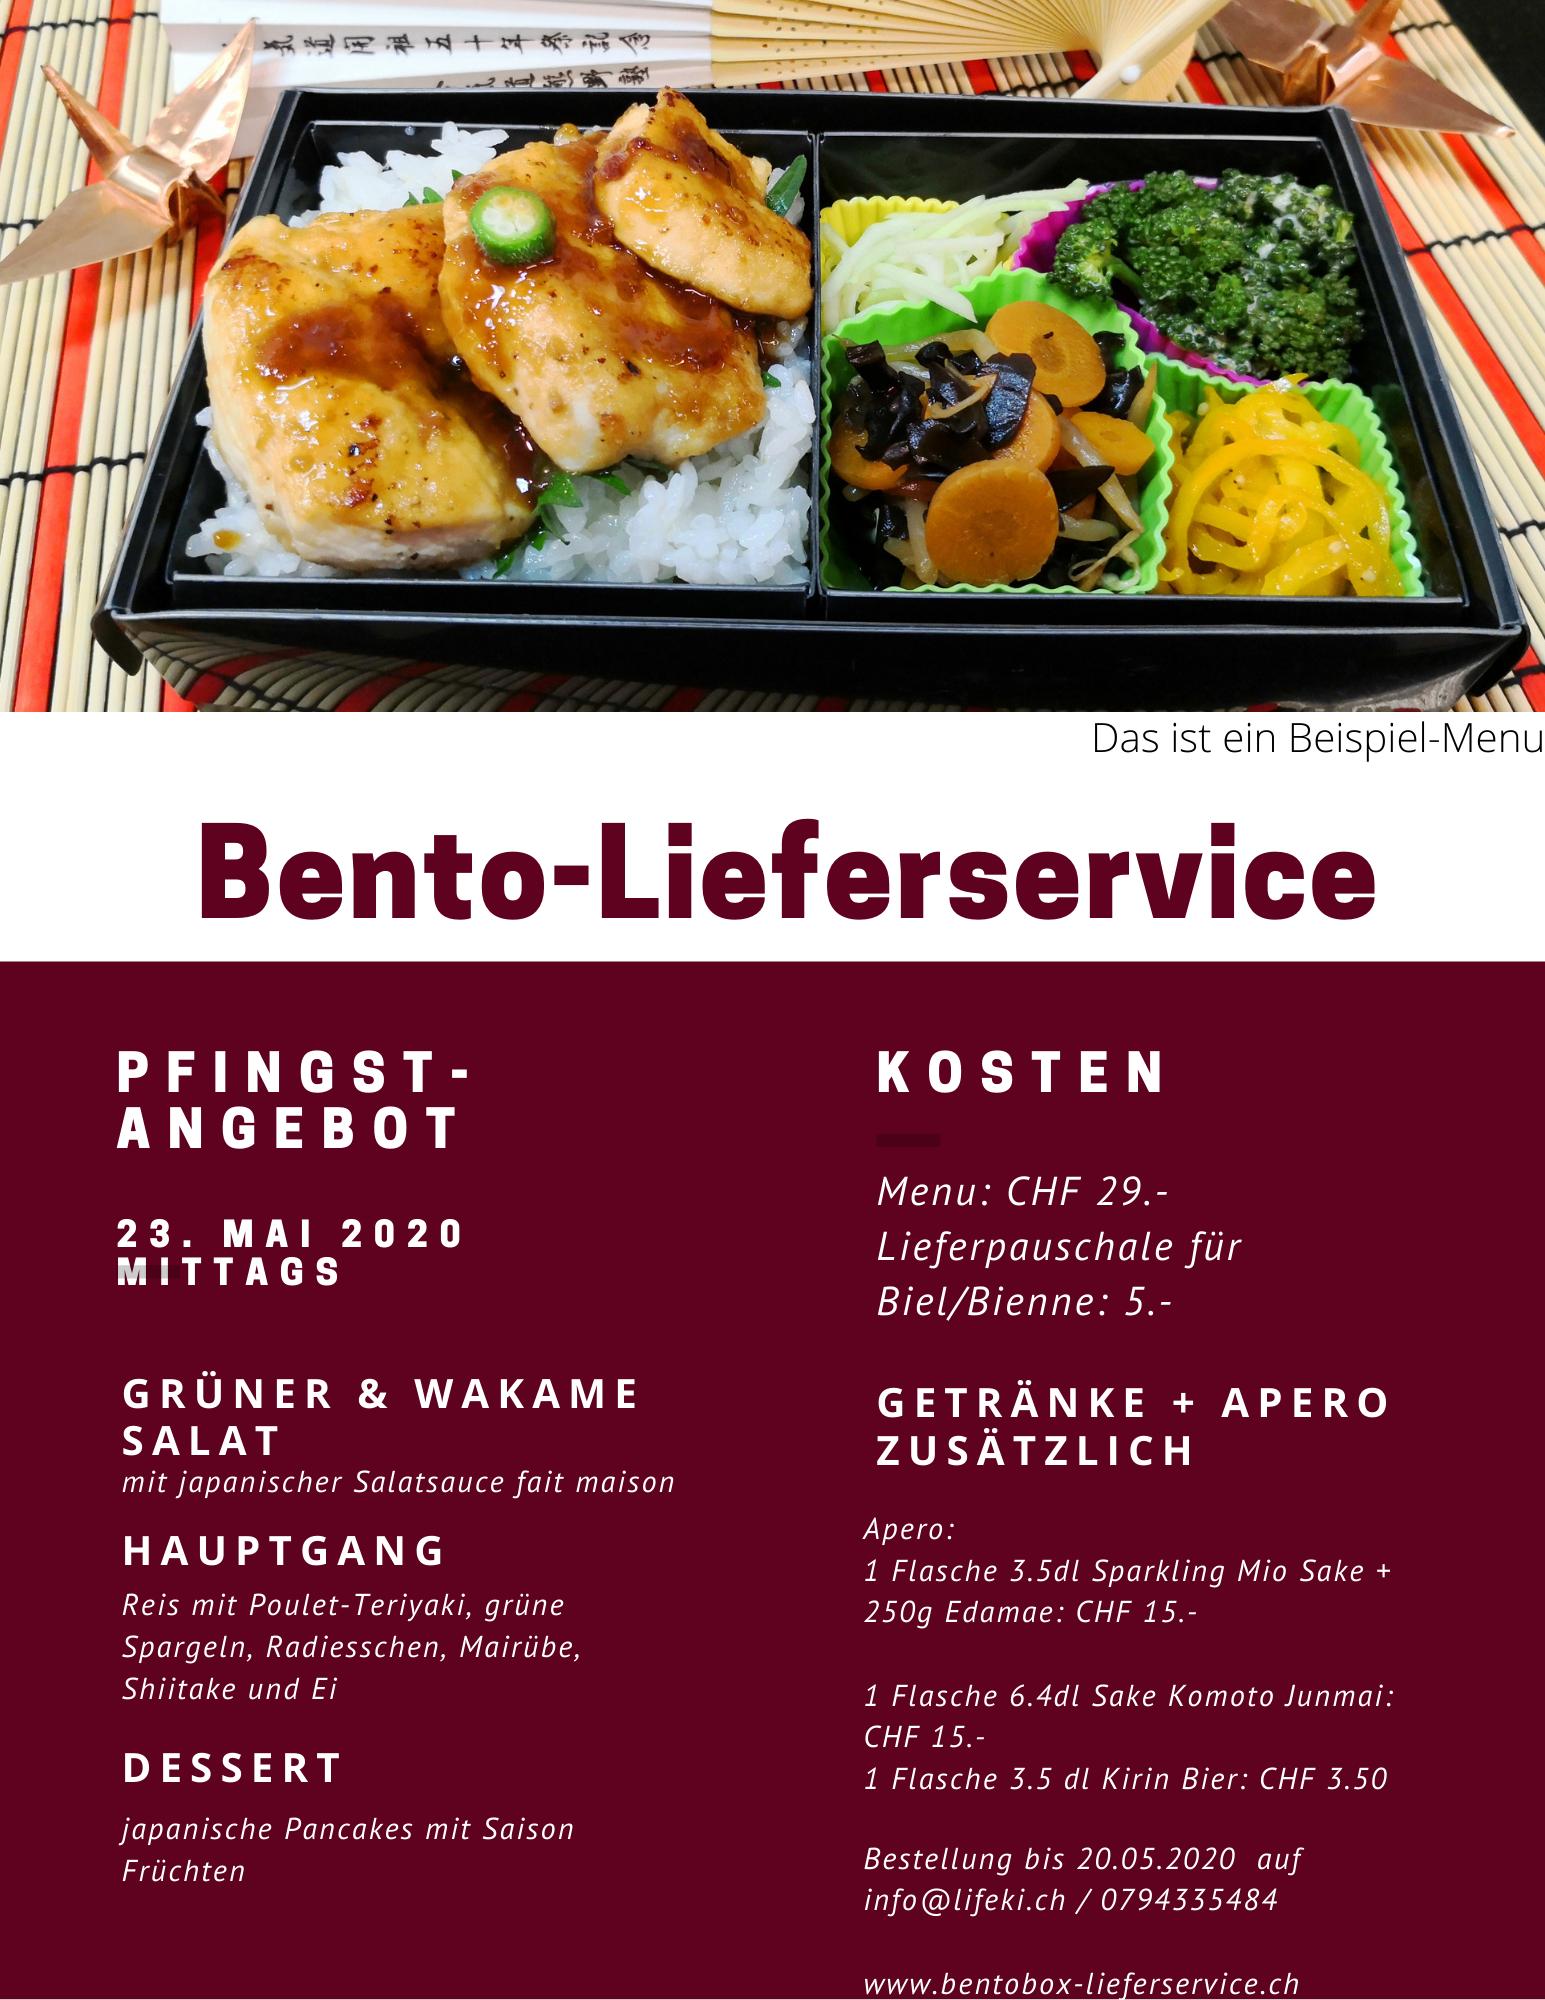 Bento-Menu für Pfingst-Sonntag 2021